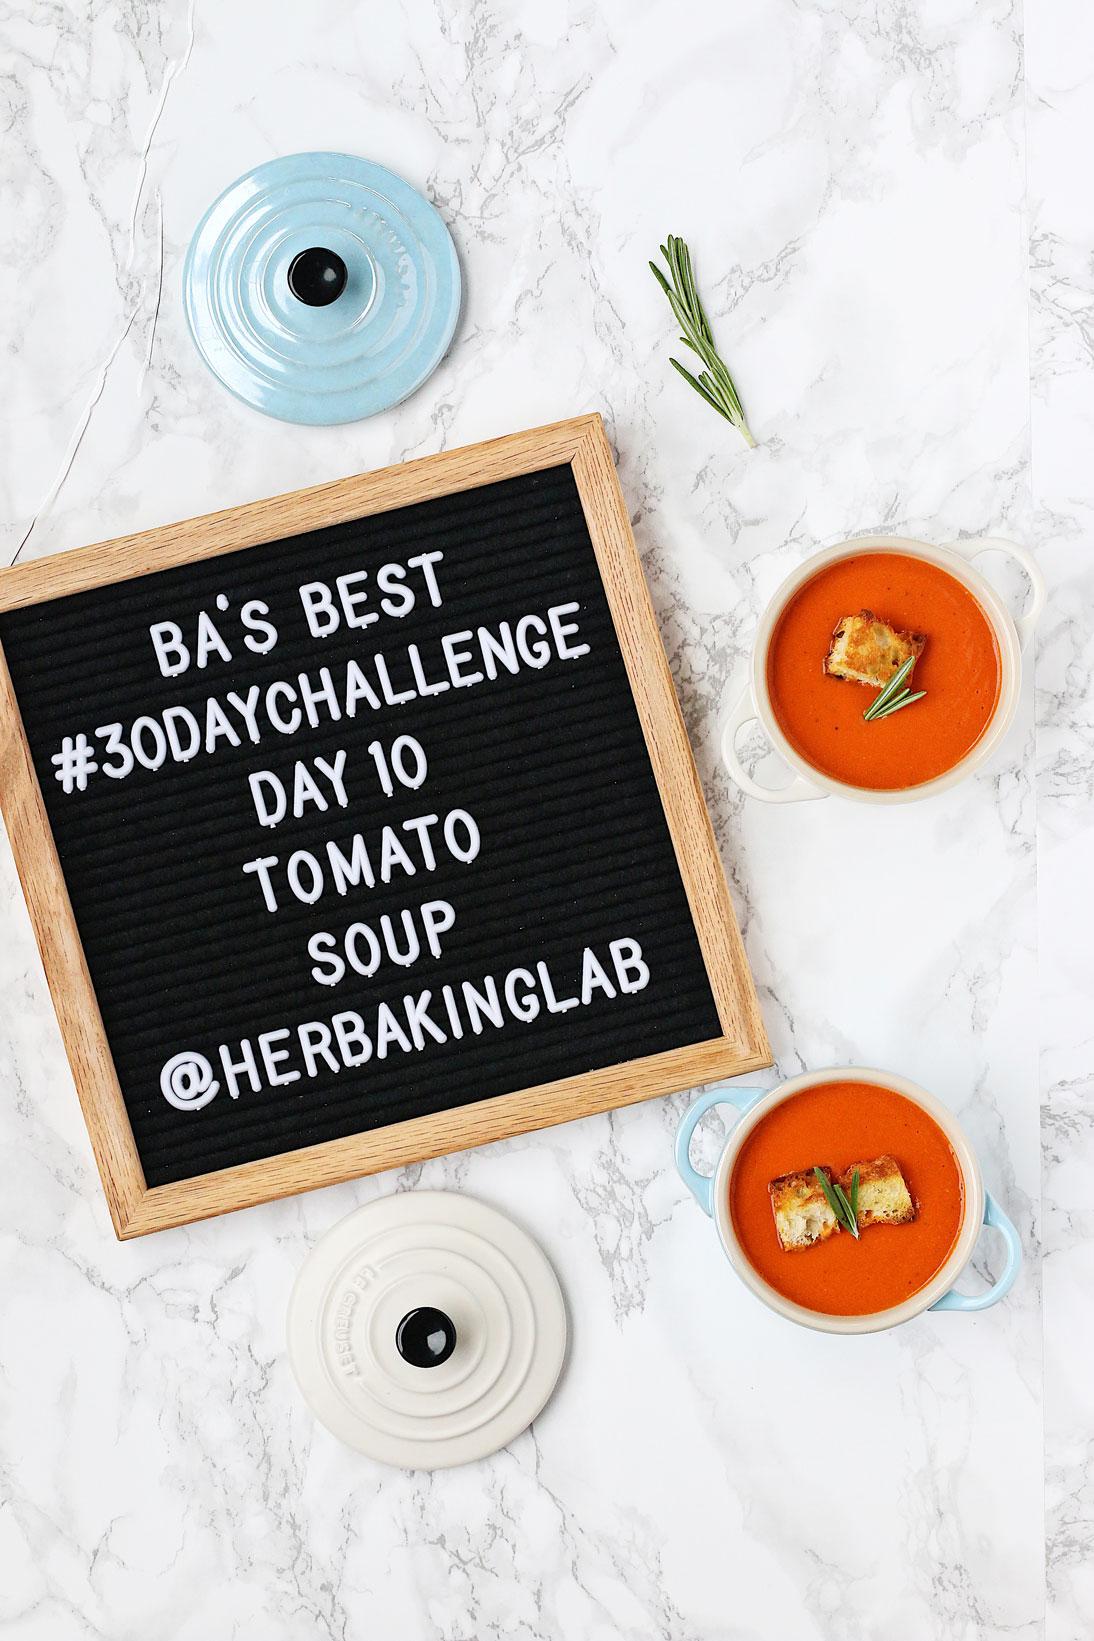 #ba30daychallenge-bon-appetit-best-recipes-day-10-tomato-soup